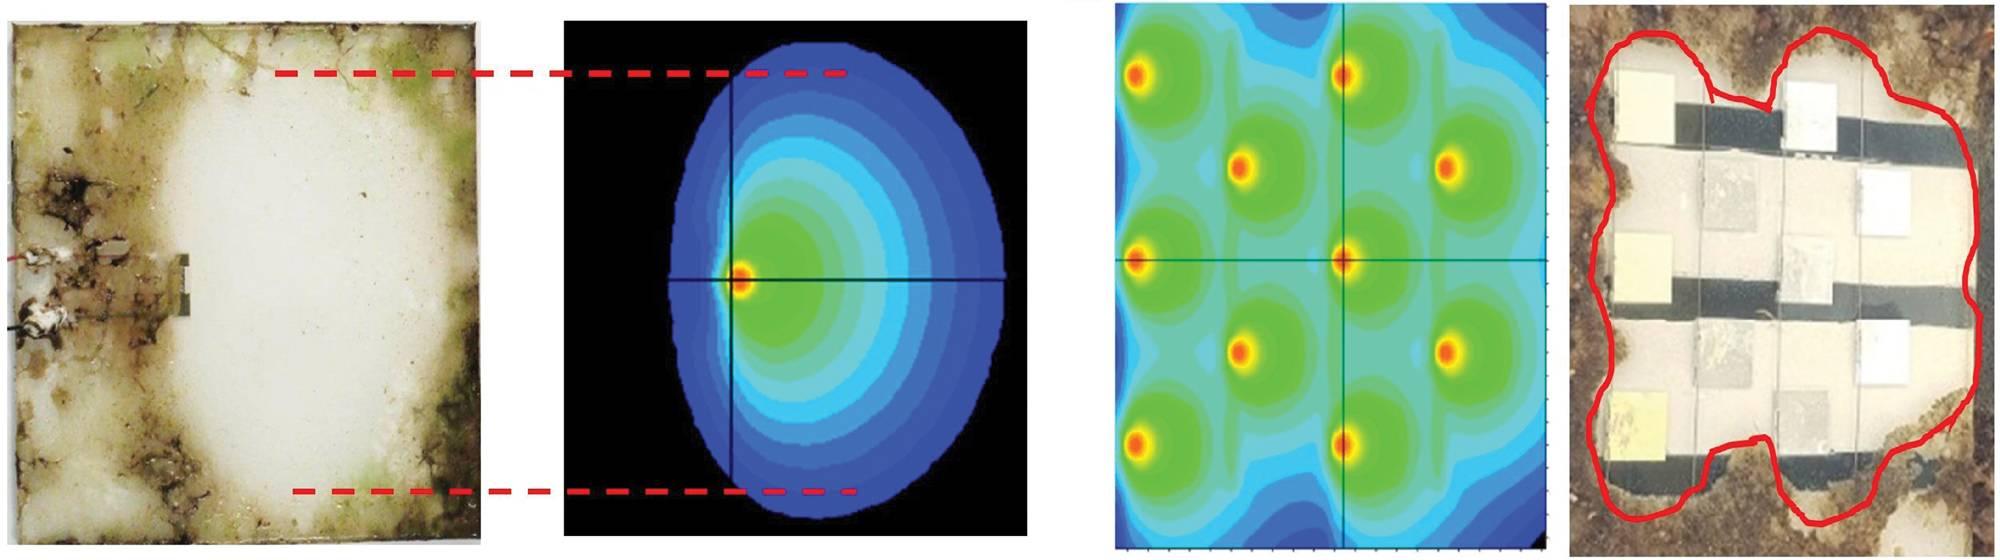 Рисунок 3: Сравнение модельного моделирования УФ-облучения на поверхности с соответствующими испытаниями на биологическое обрастание. Слева - силиконовая плита с одним светодиодом, протестированная в аквариуме. Справа для полной панели прототипов, проверенной в условиях моря. Красные линии отмечают местоположения с уровнем освещенности 0,3 мВт / м2, предсказанным при моделировании.